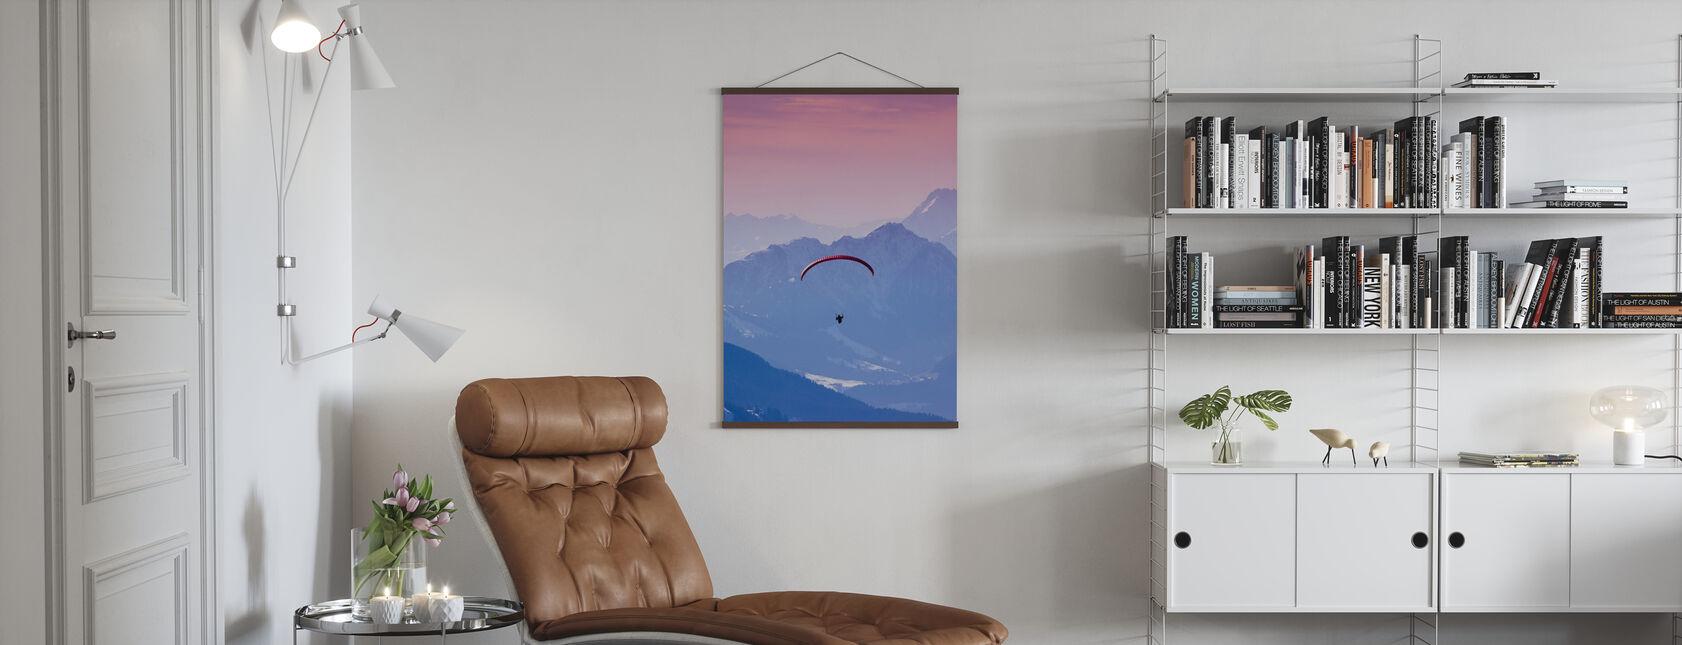 Kite i Hopfgarten, Österrike - Poster - Vardagsrum